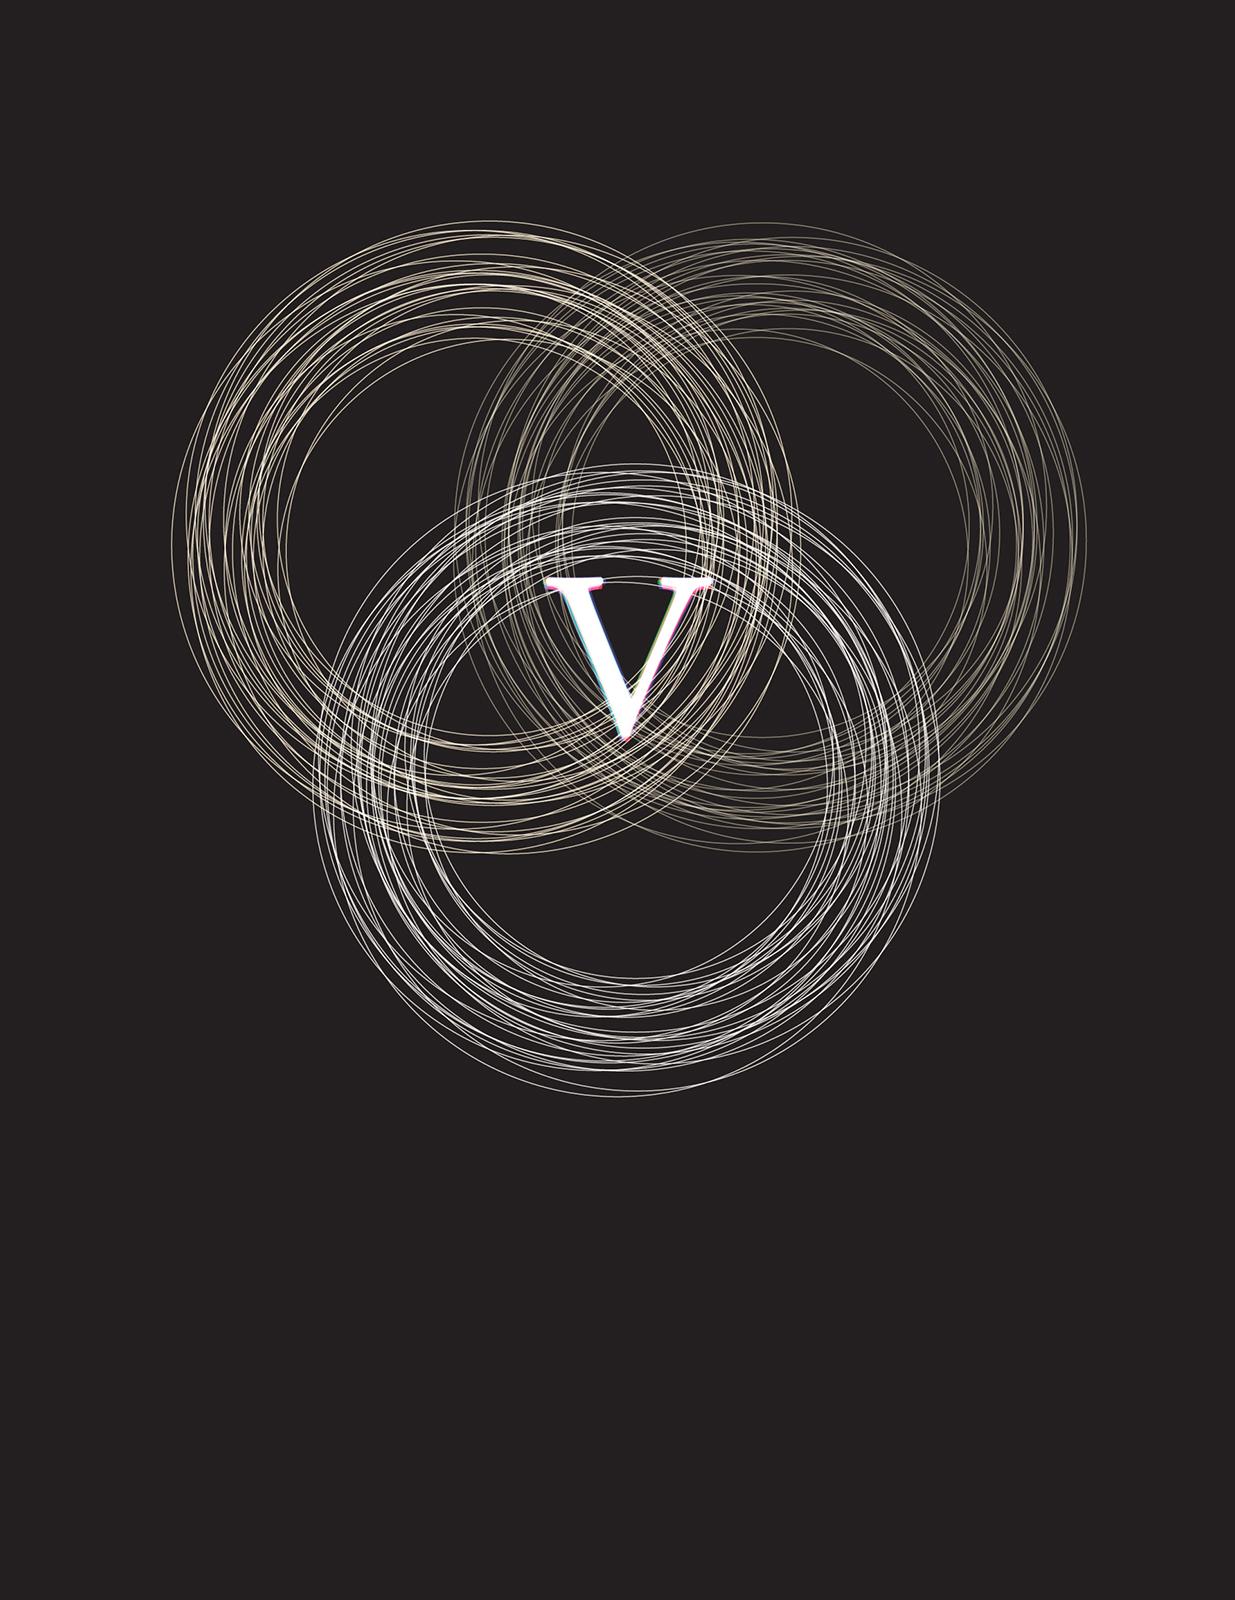 incircles_demo2.jpg